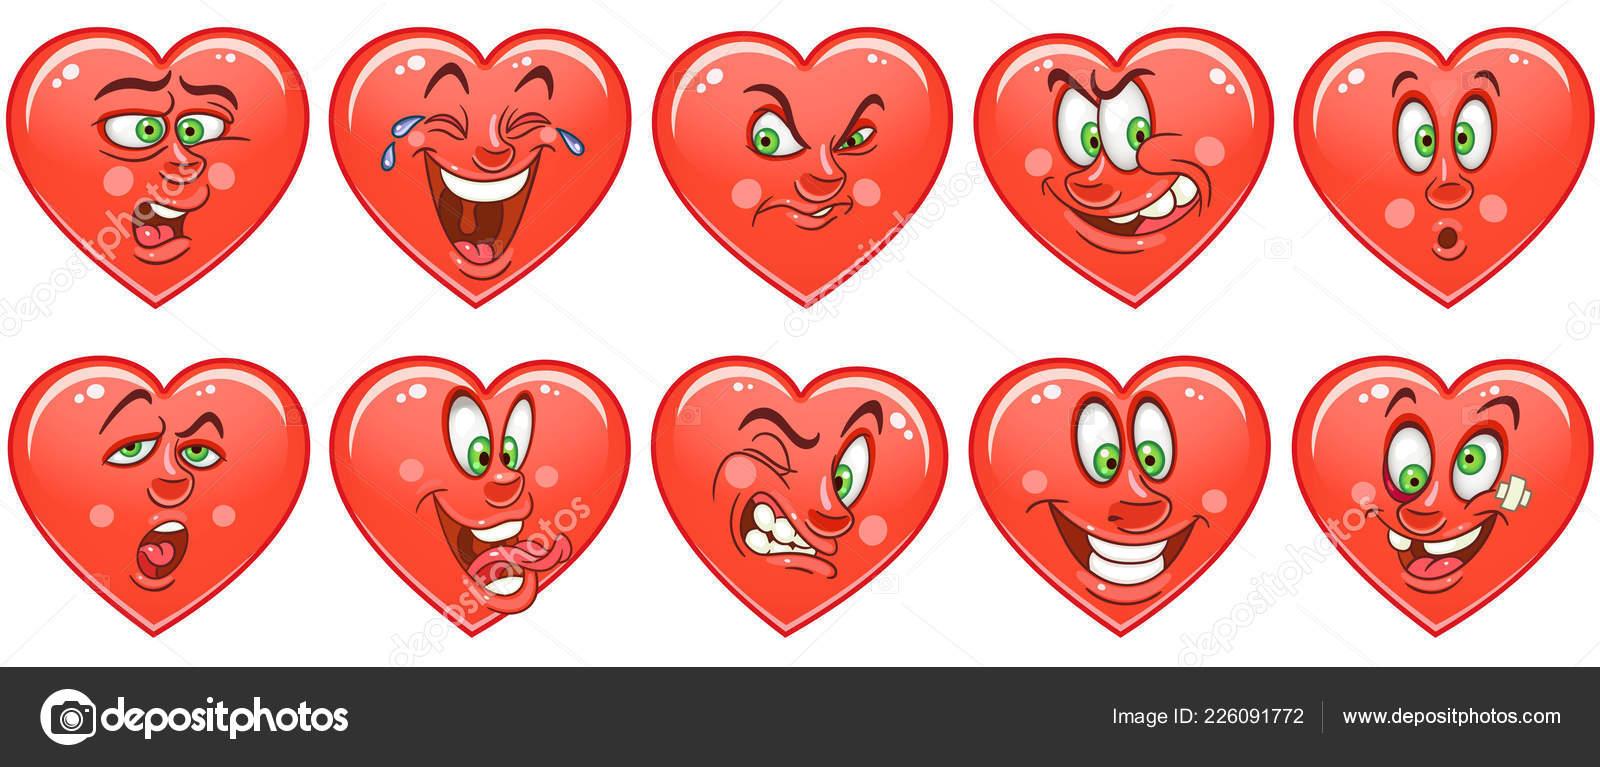 Hearts Emoticons Collection Emoji Set Love Symbols Cartoon